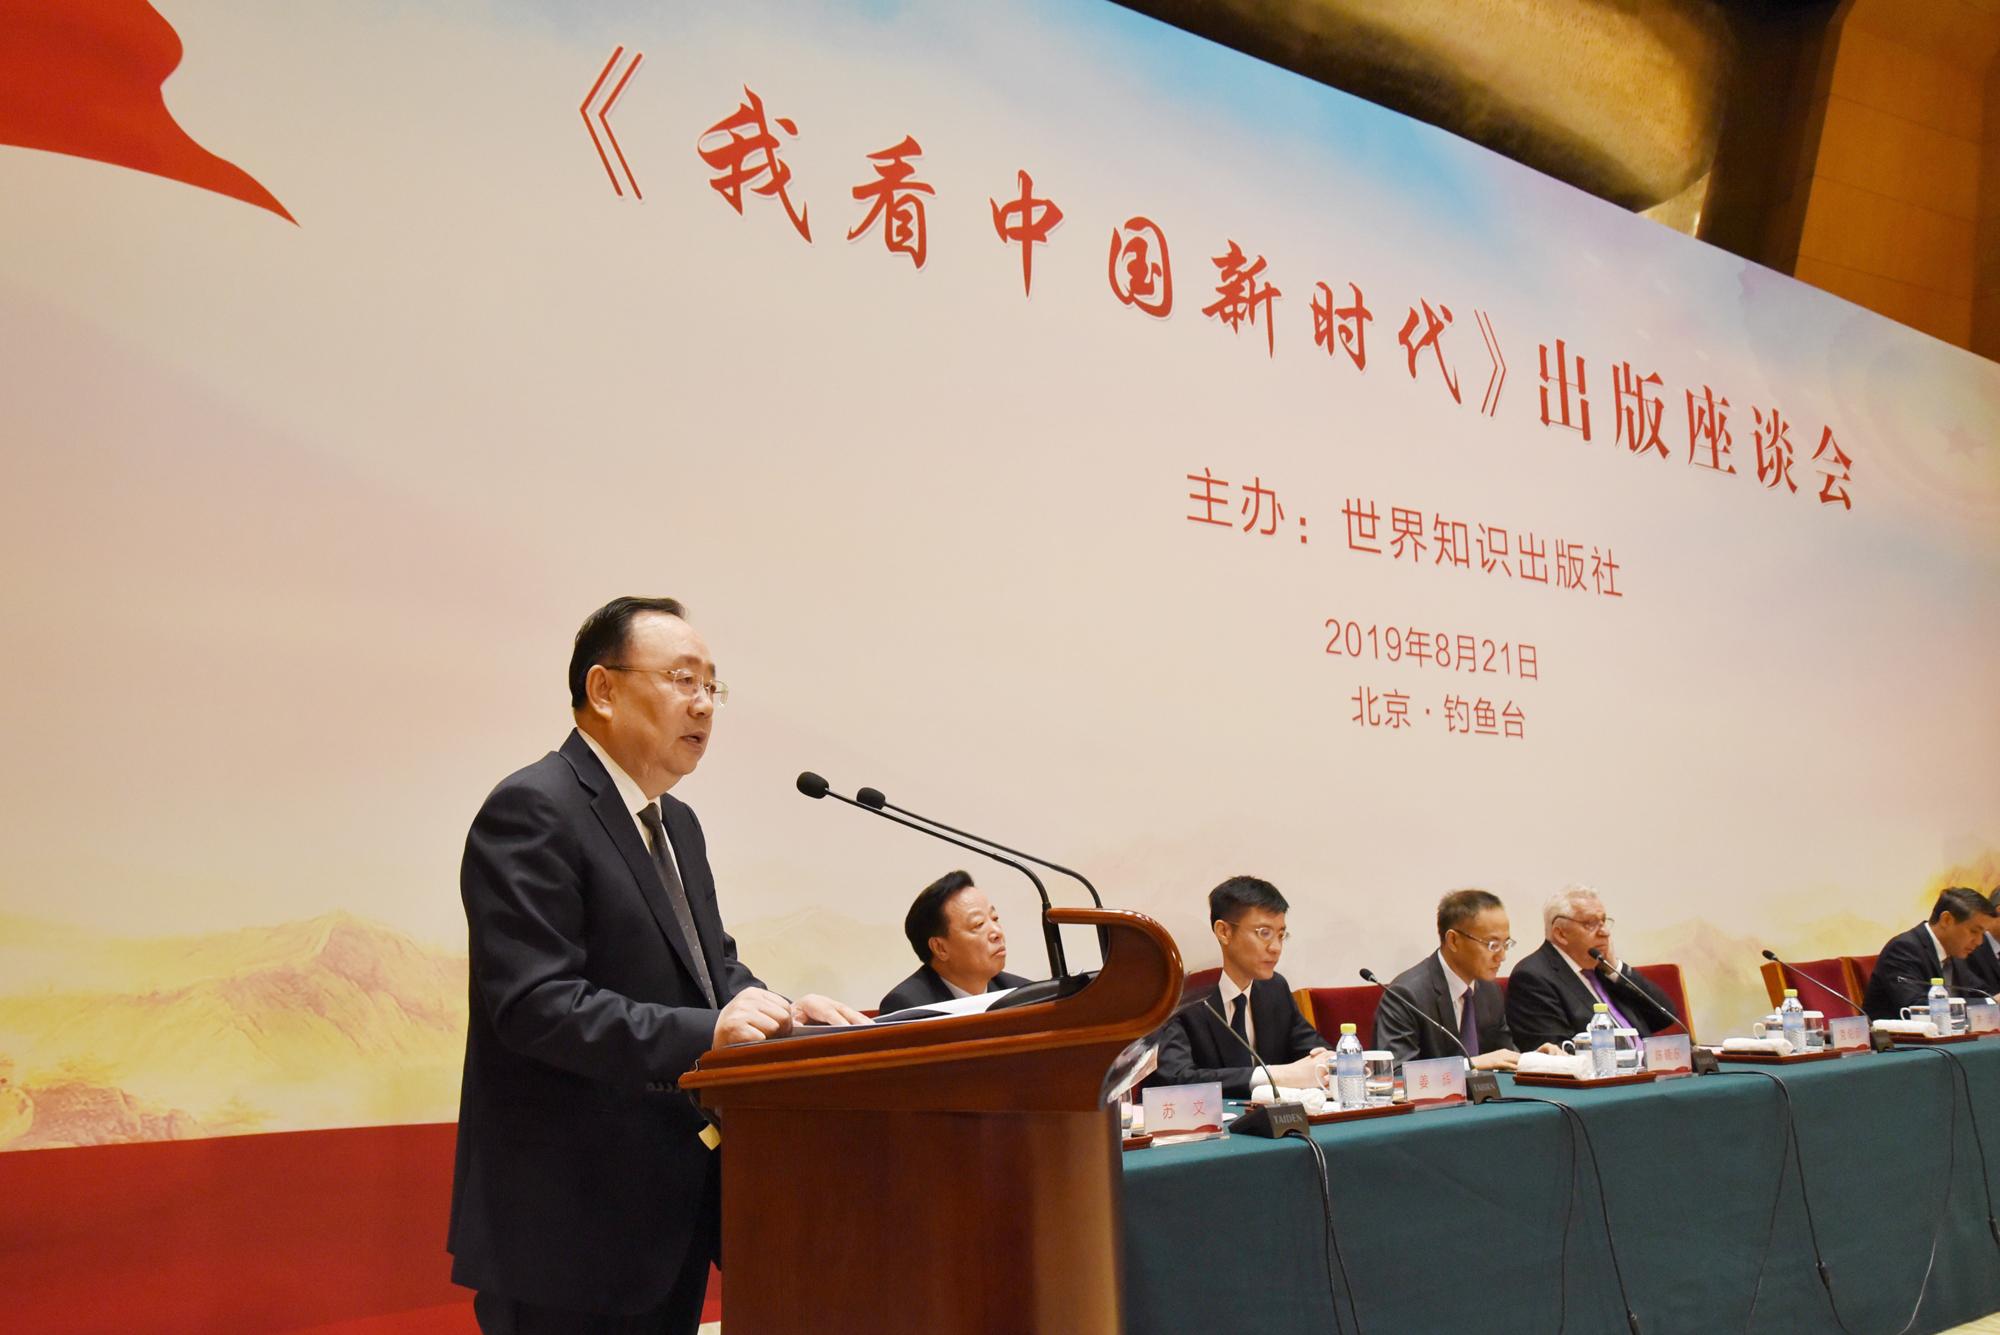 《我看中国新时代》出版座谈会在京举行